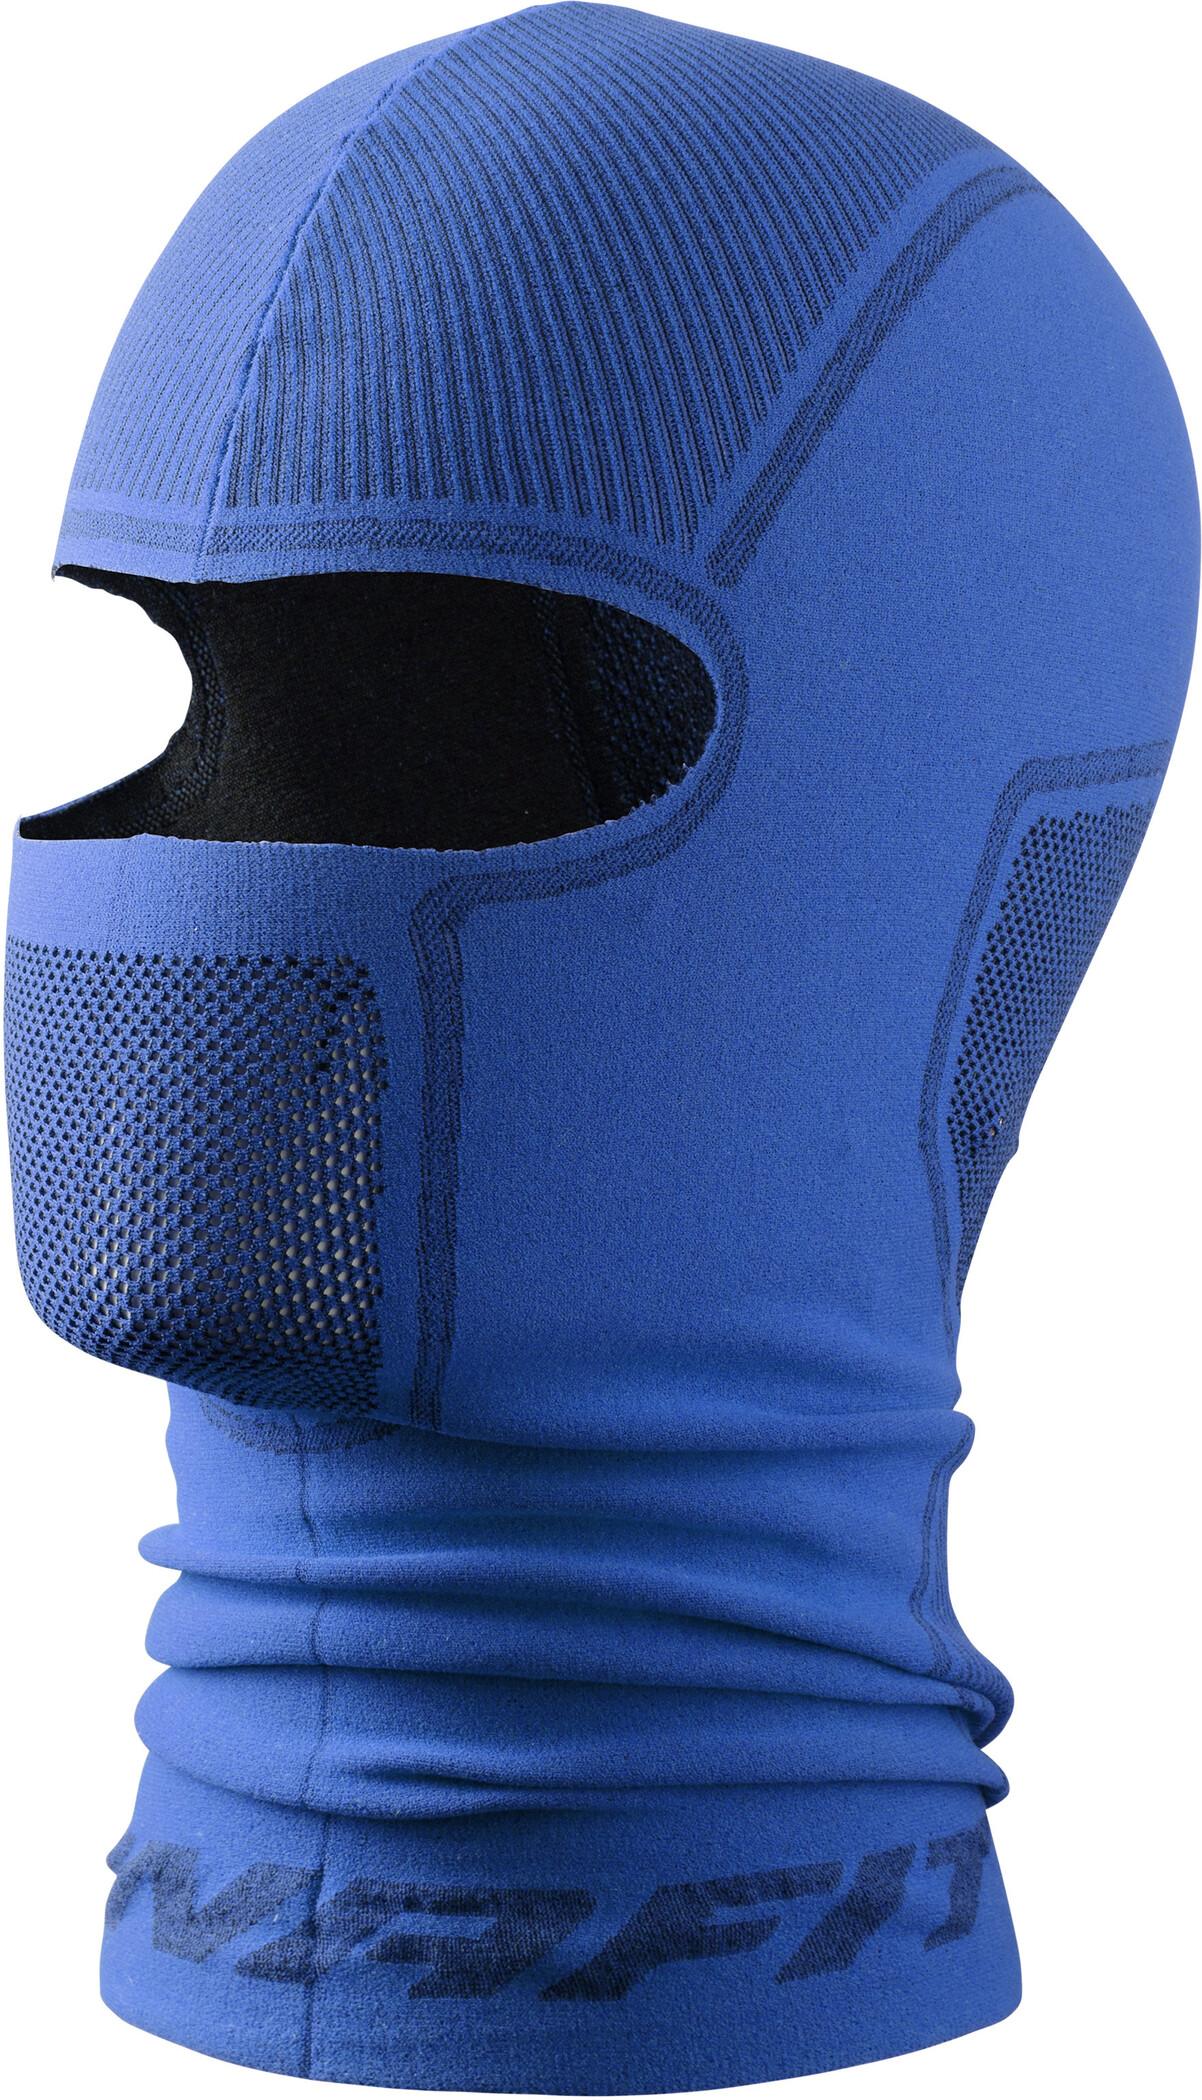 Dynafit 3In1 S-Tech Hovedbeklædning, methyl blue | Hovedbeklædning